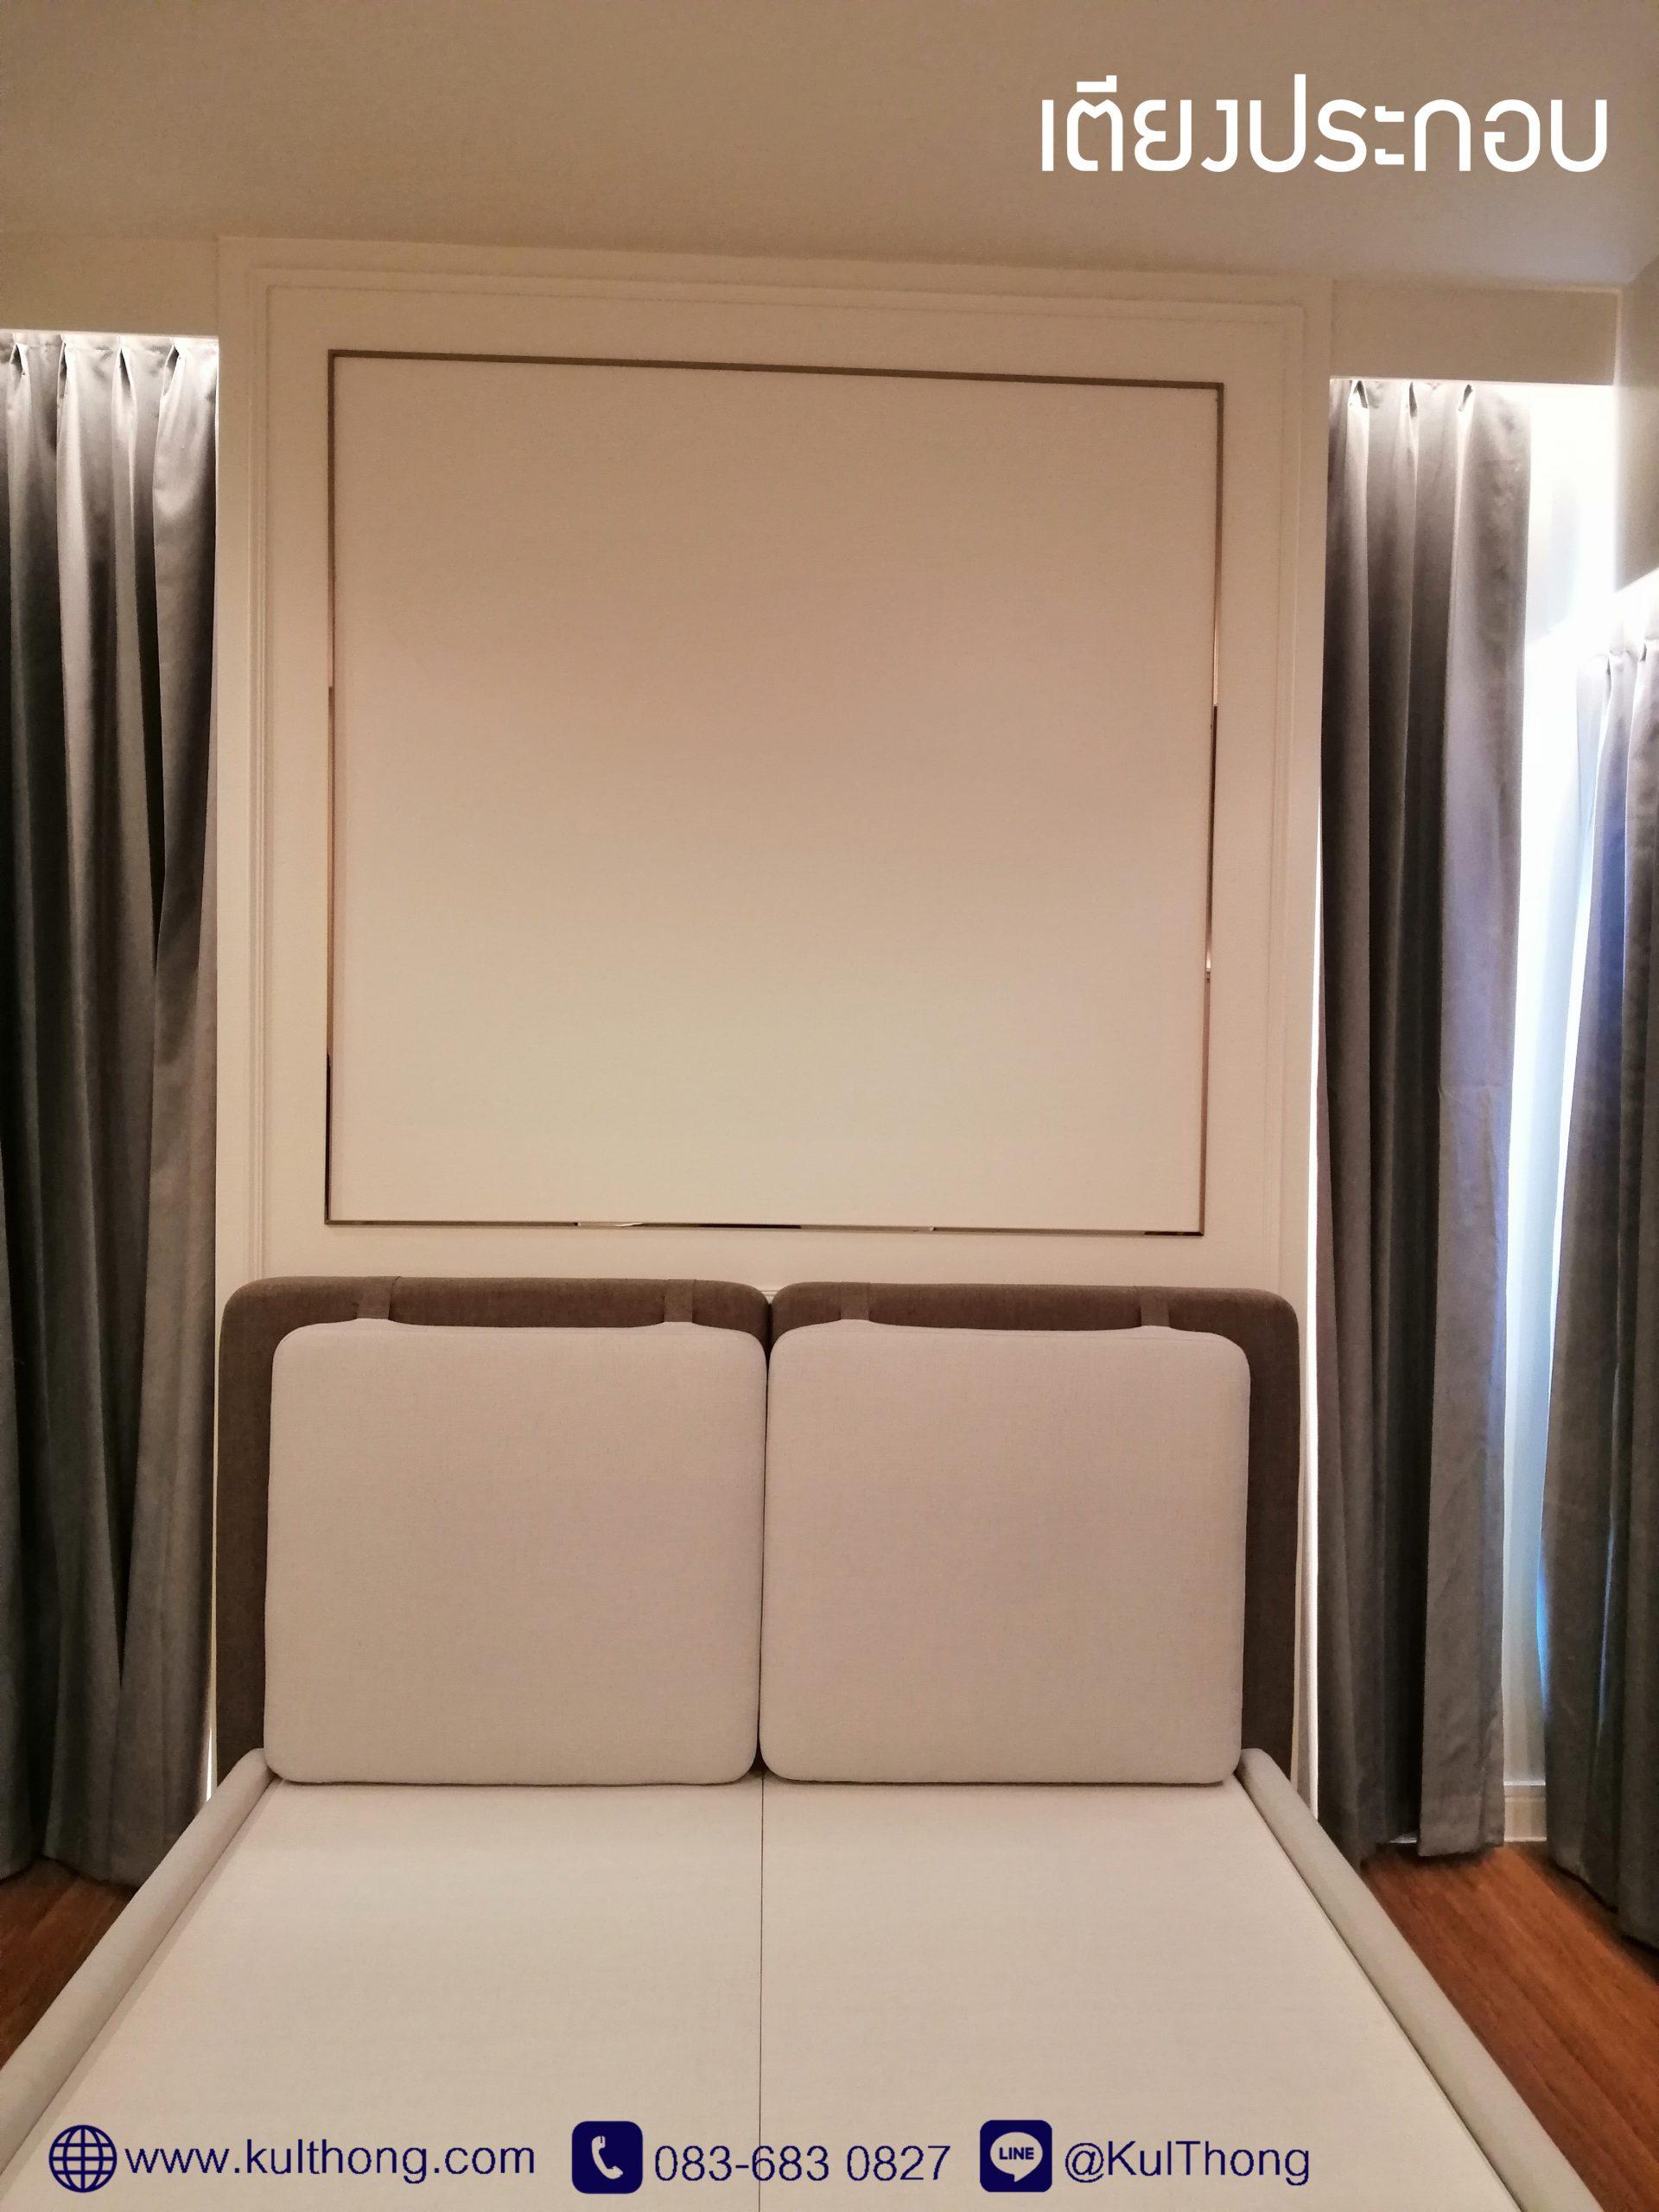 บุผนังห้อง หัวเตียงอย่างเดียว ผนังหัวเตียง